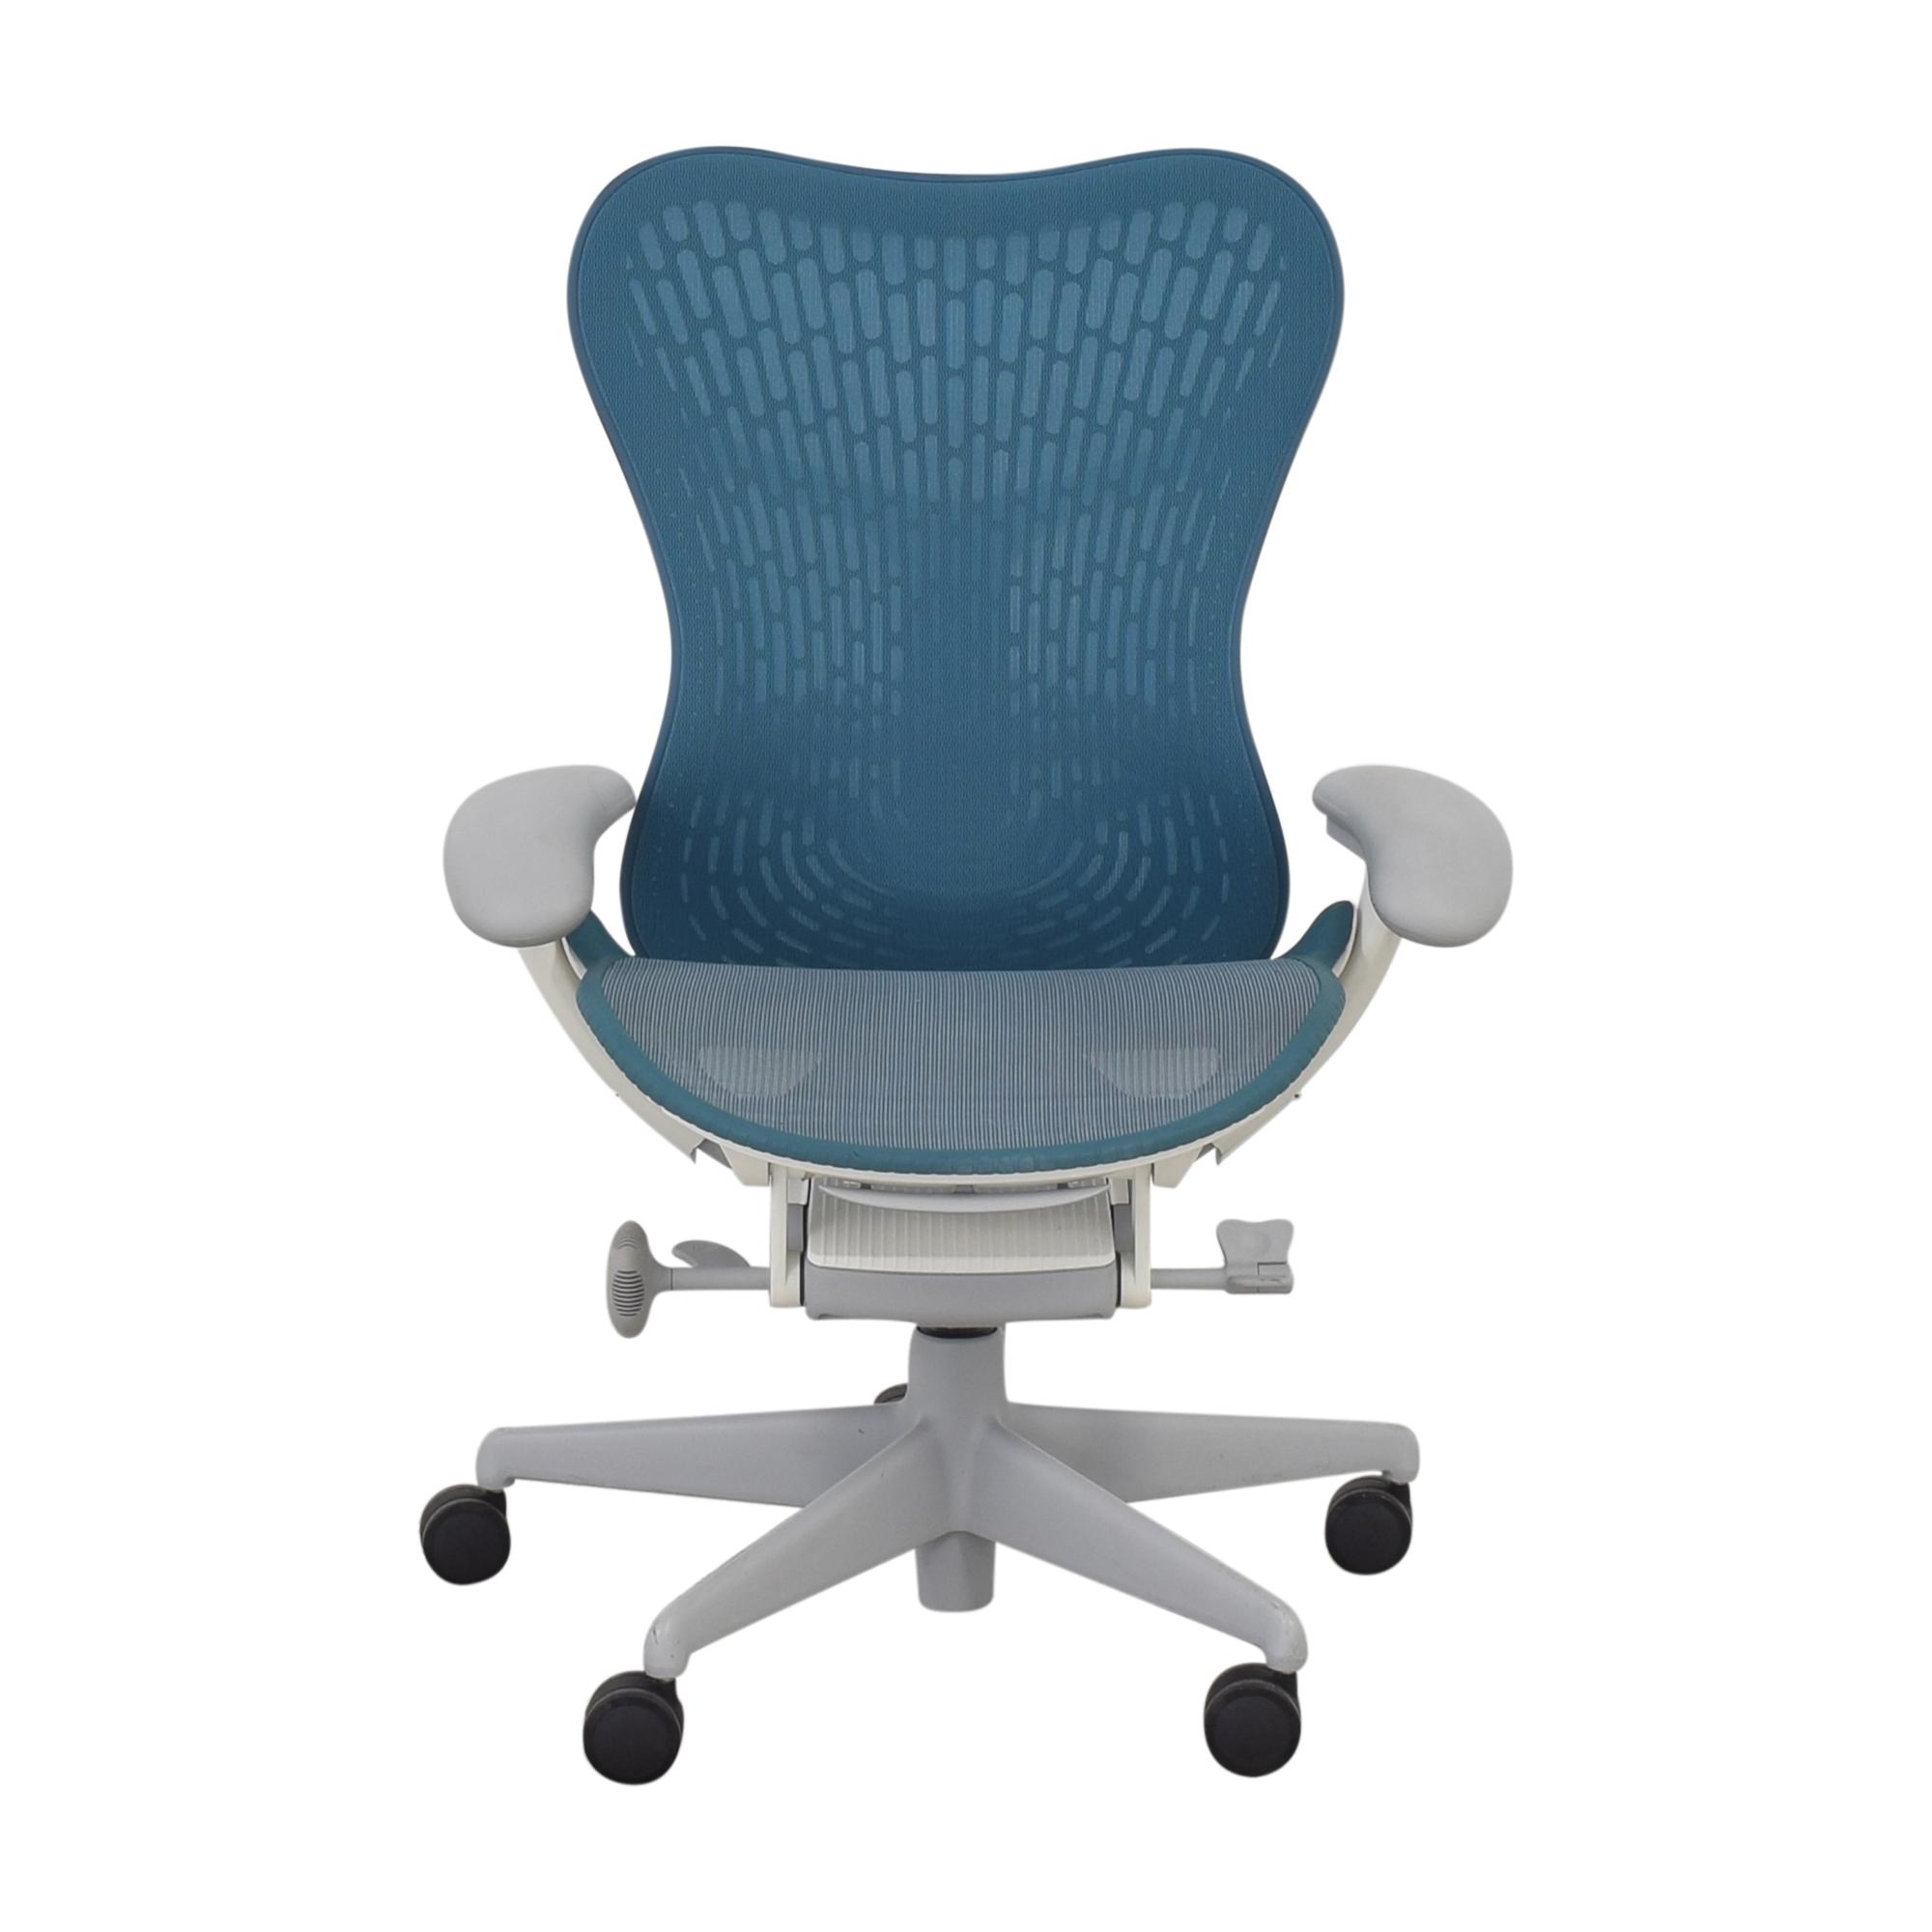 Herman Miller Herman Miller Mirra Chair on sale